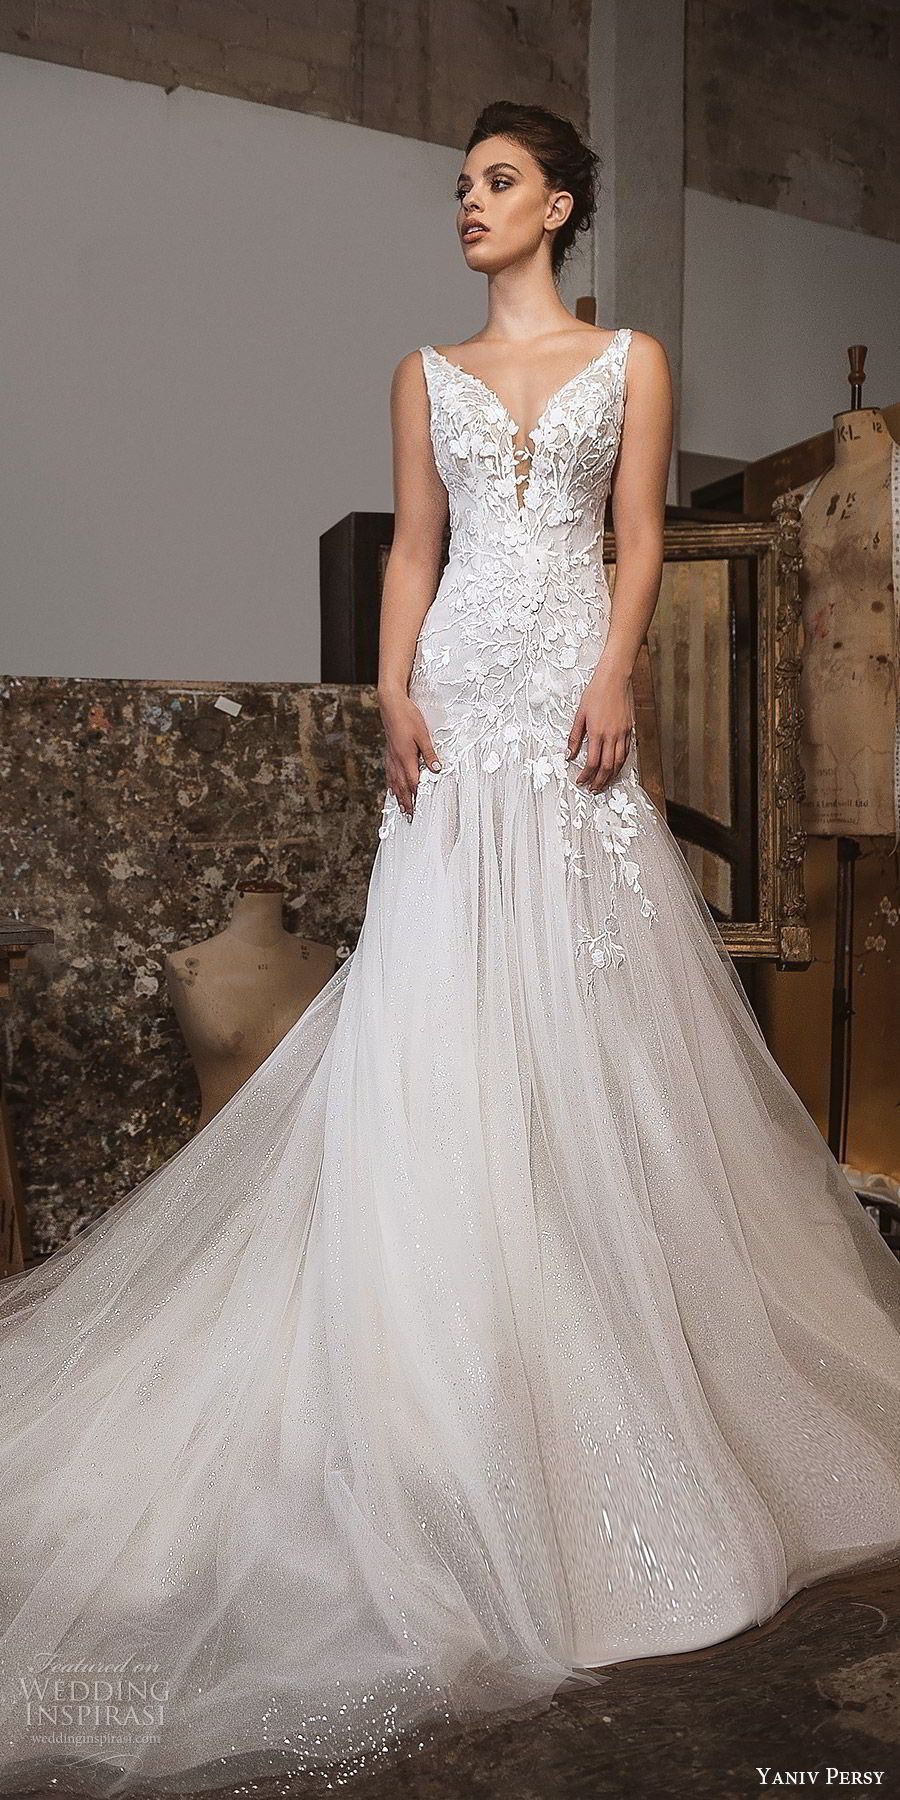 Fit and flare dress wedding  Lavish by Yaniv Persy Fall  Wedding Dresses u ucBlossom u Fleur